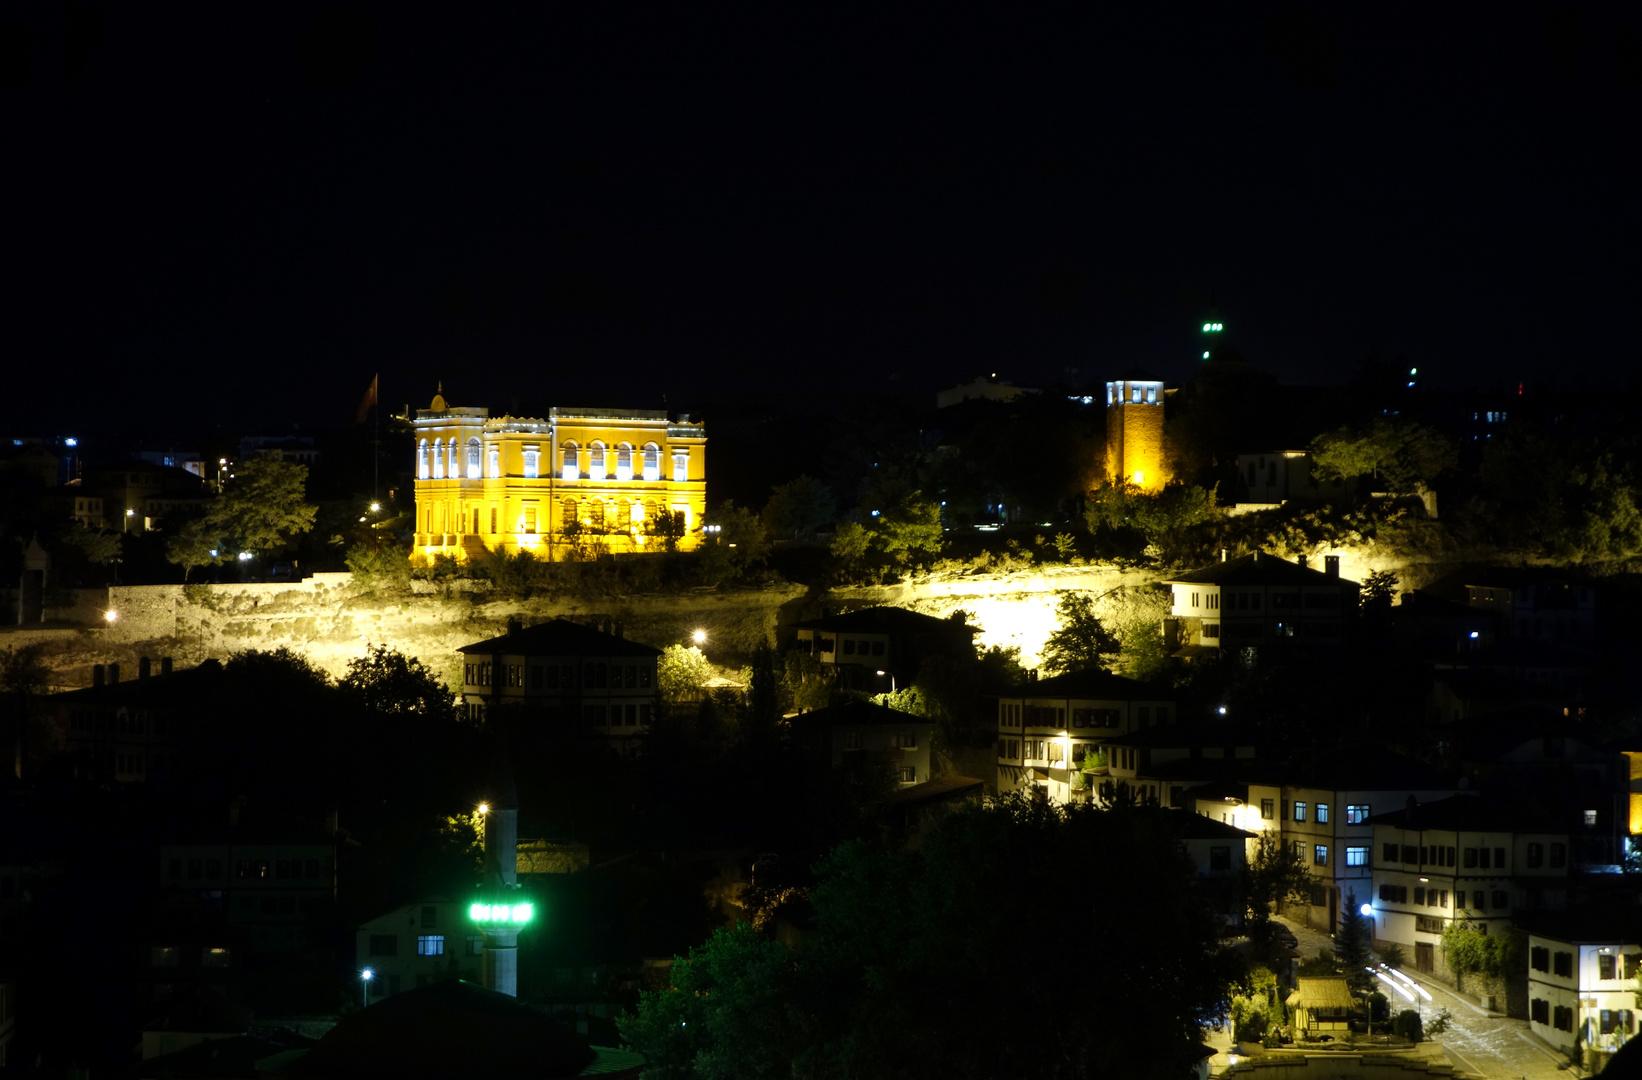 Der alte Regierungspalast und der Uhrenturm in der Nacht